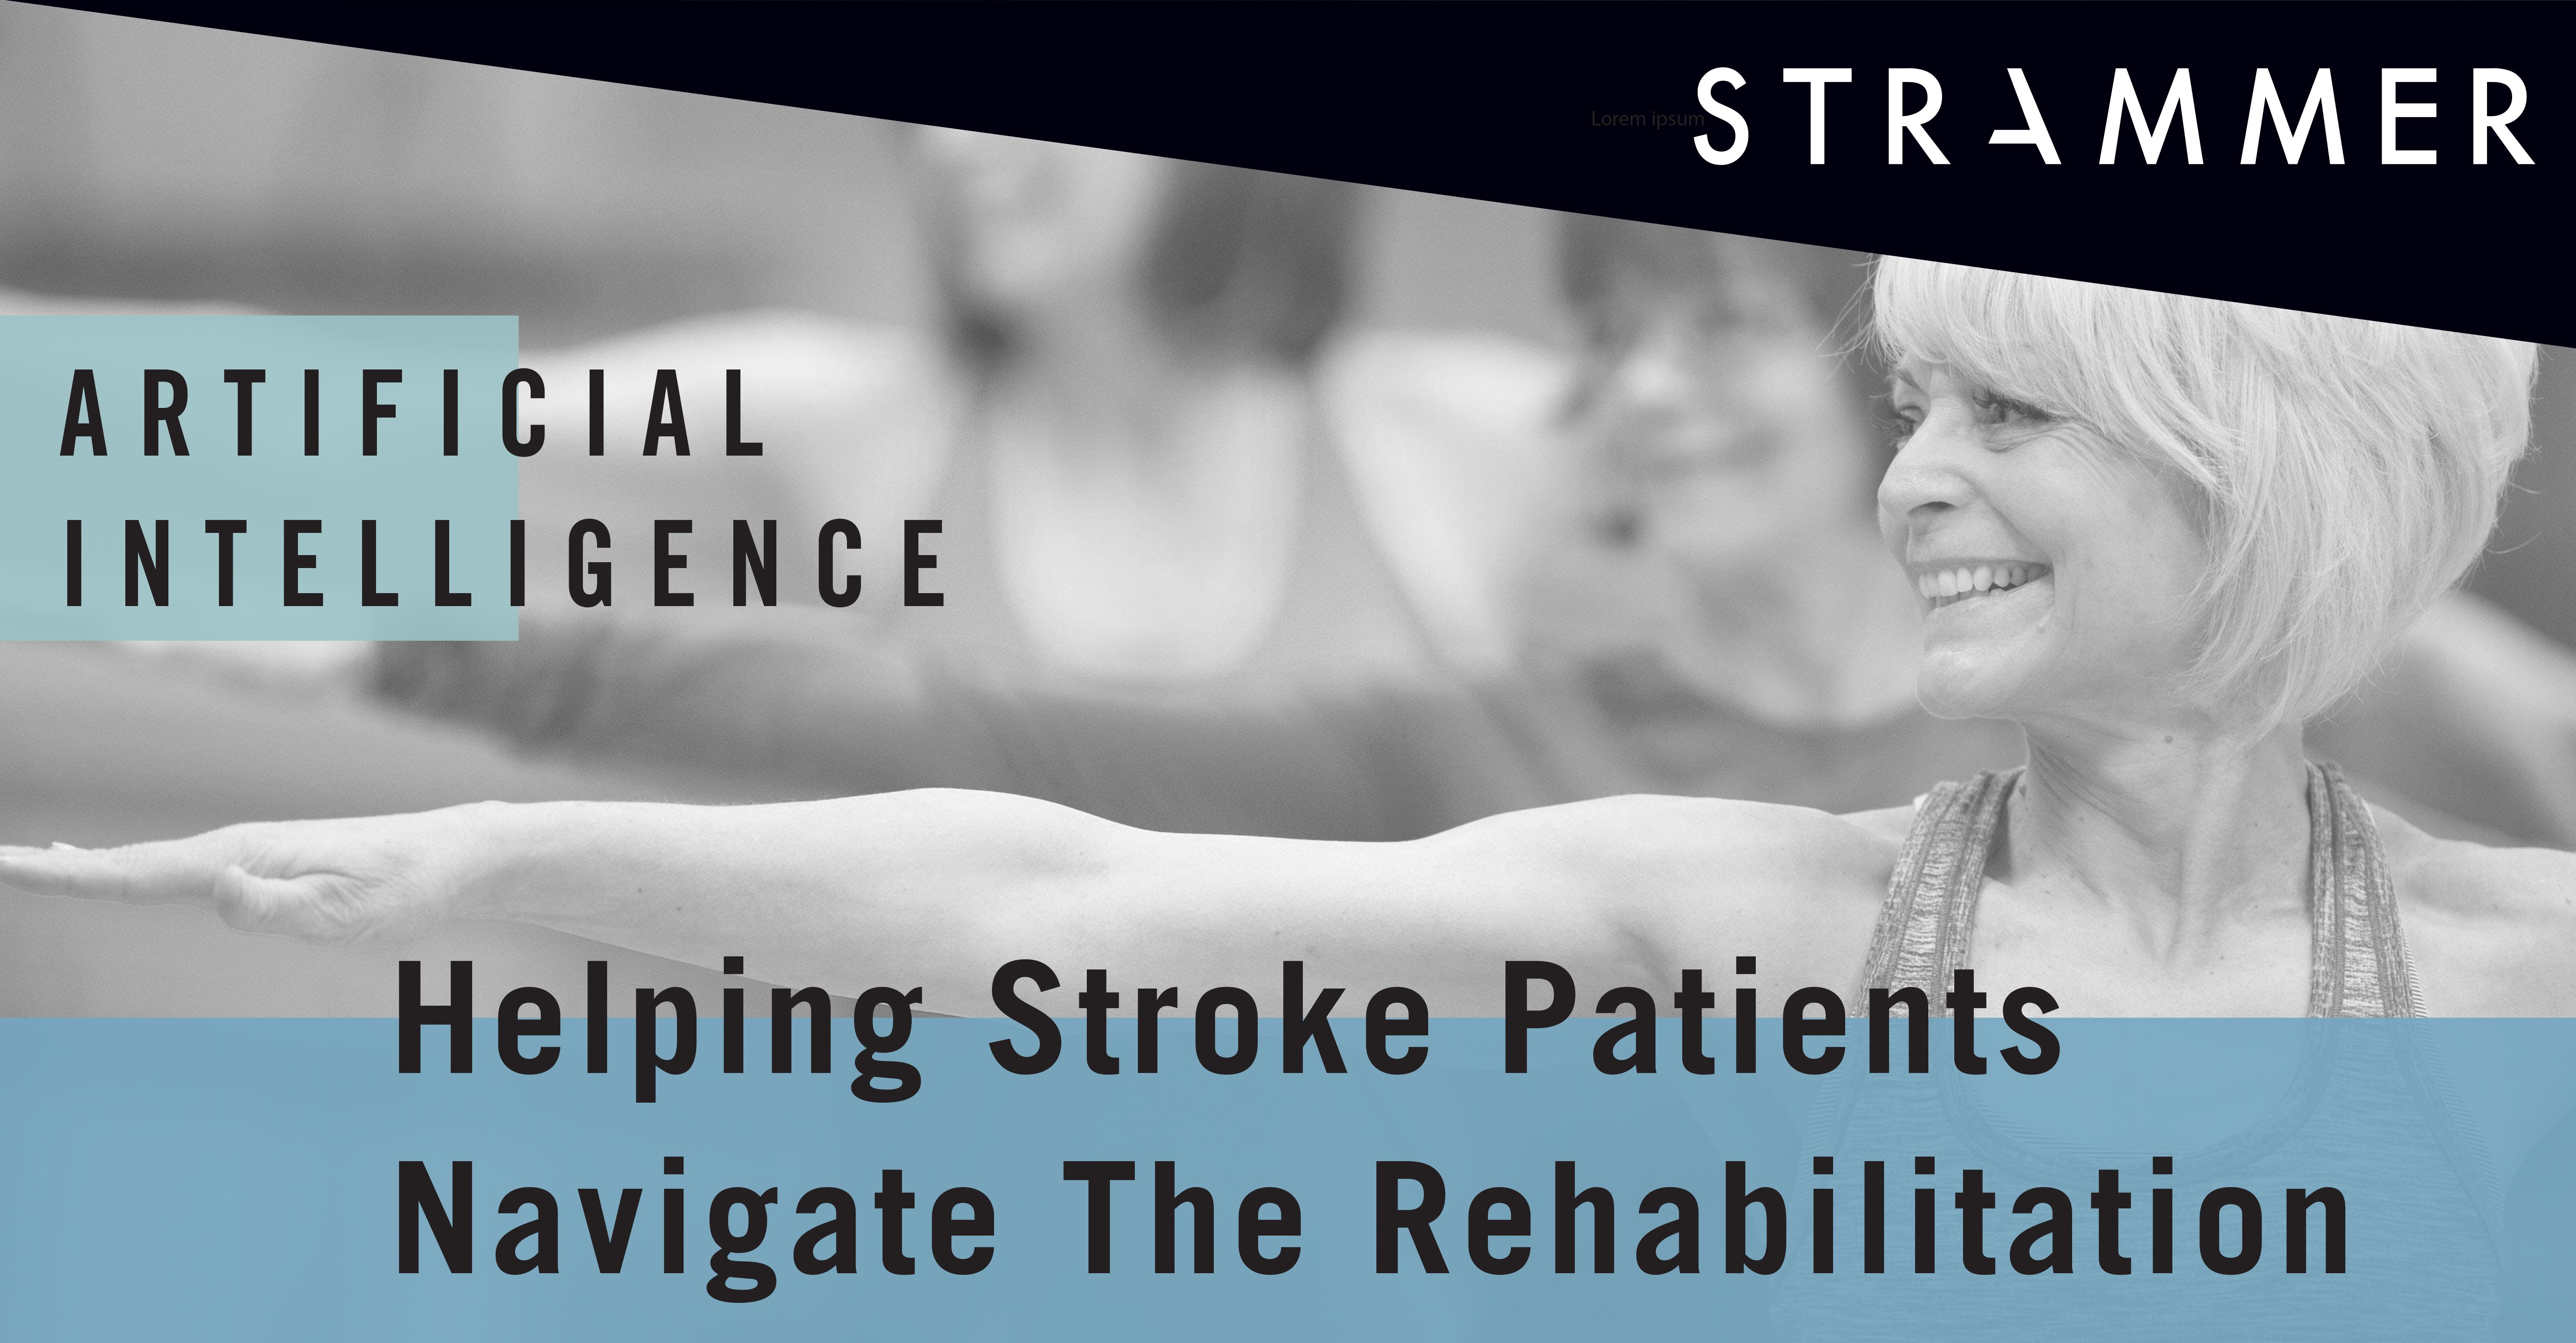 AI Development Helps Stroke Patients